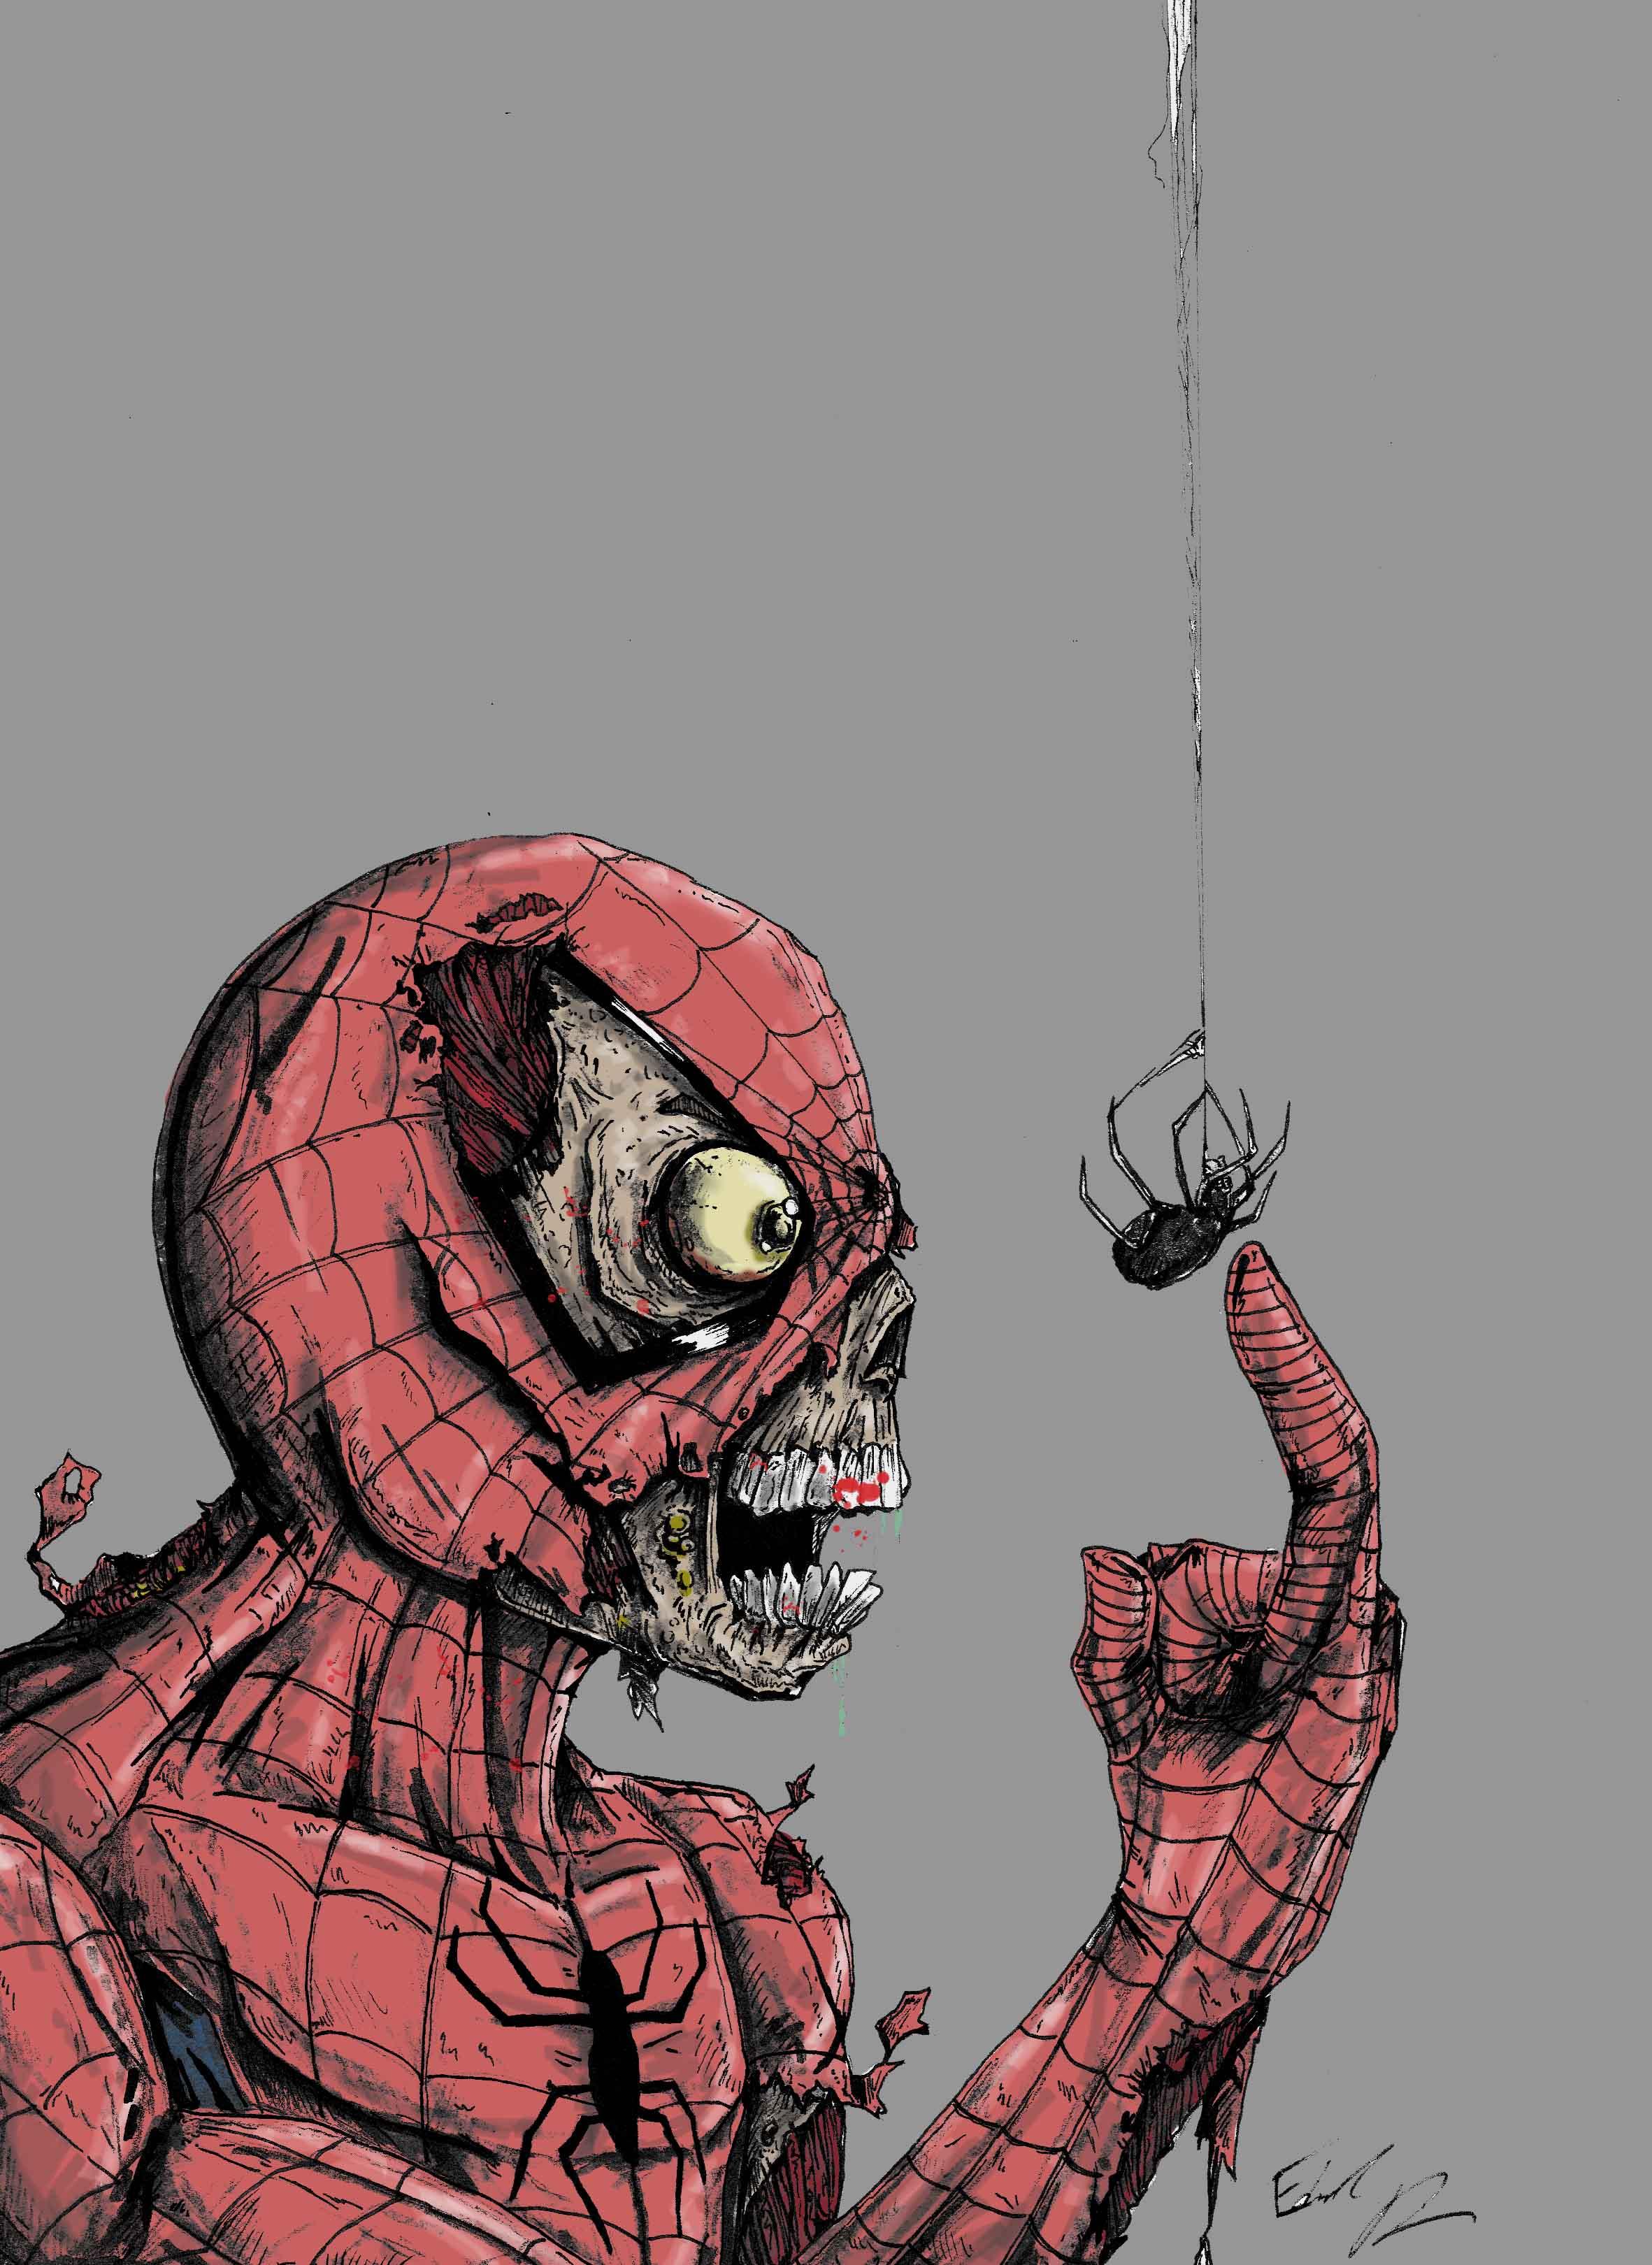 Quot Spiderman Zombie Quot Color Print On Storenvy